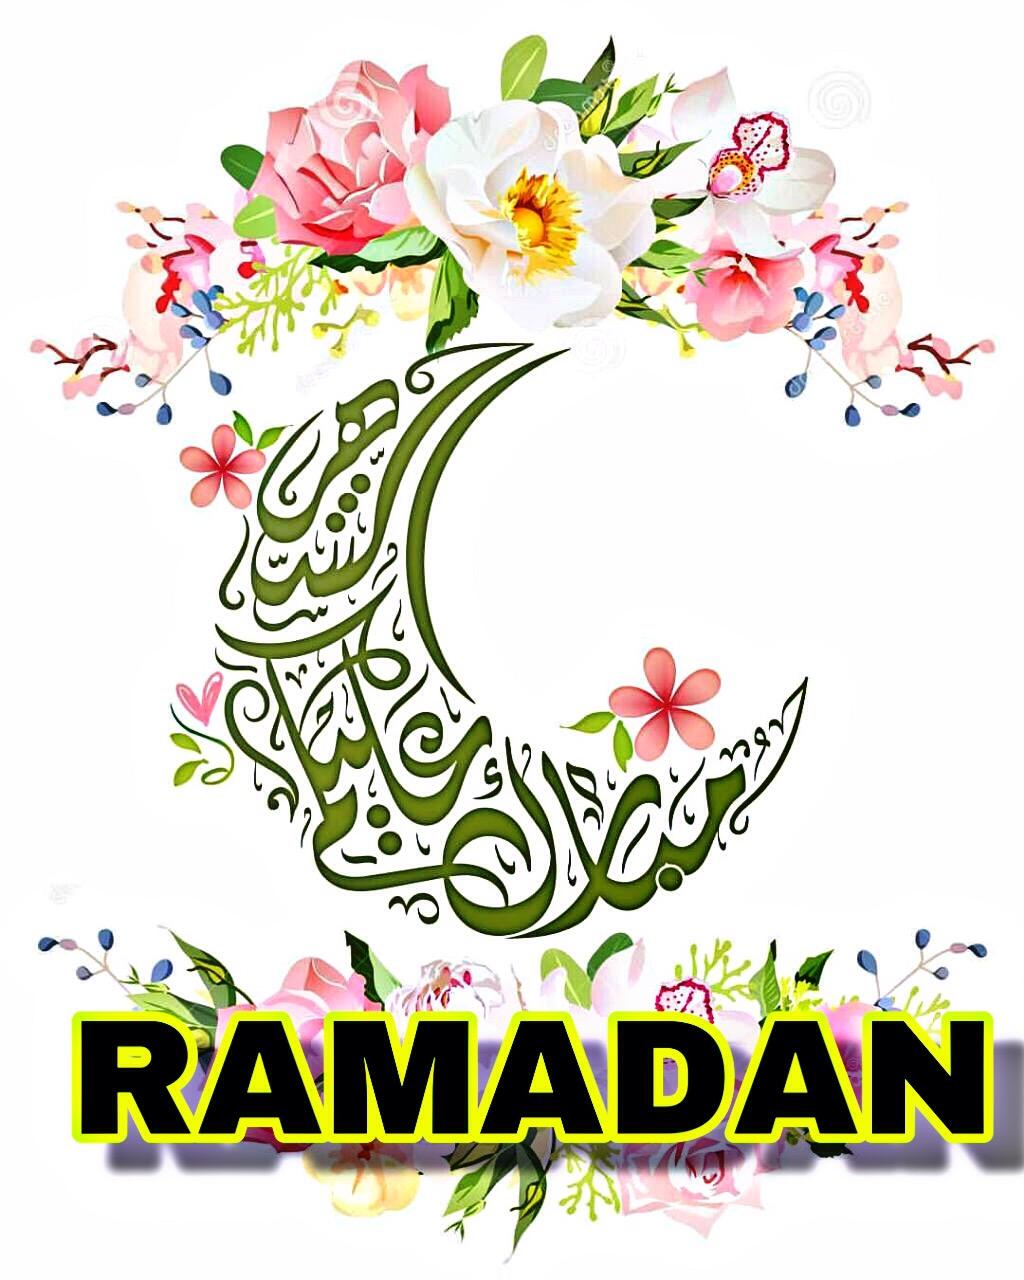 أفضل بطاقات تهنئة بمناسبة شهر رمضان Ramadan Mubarak Card